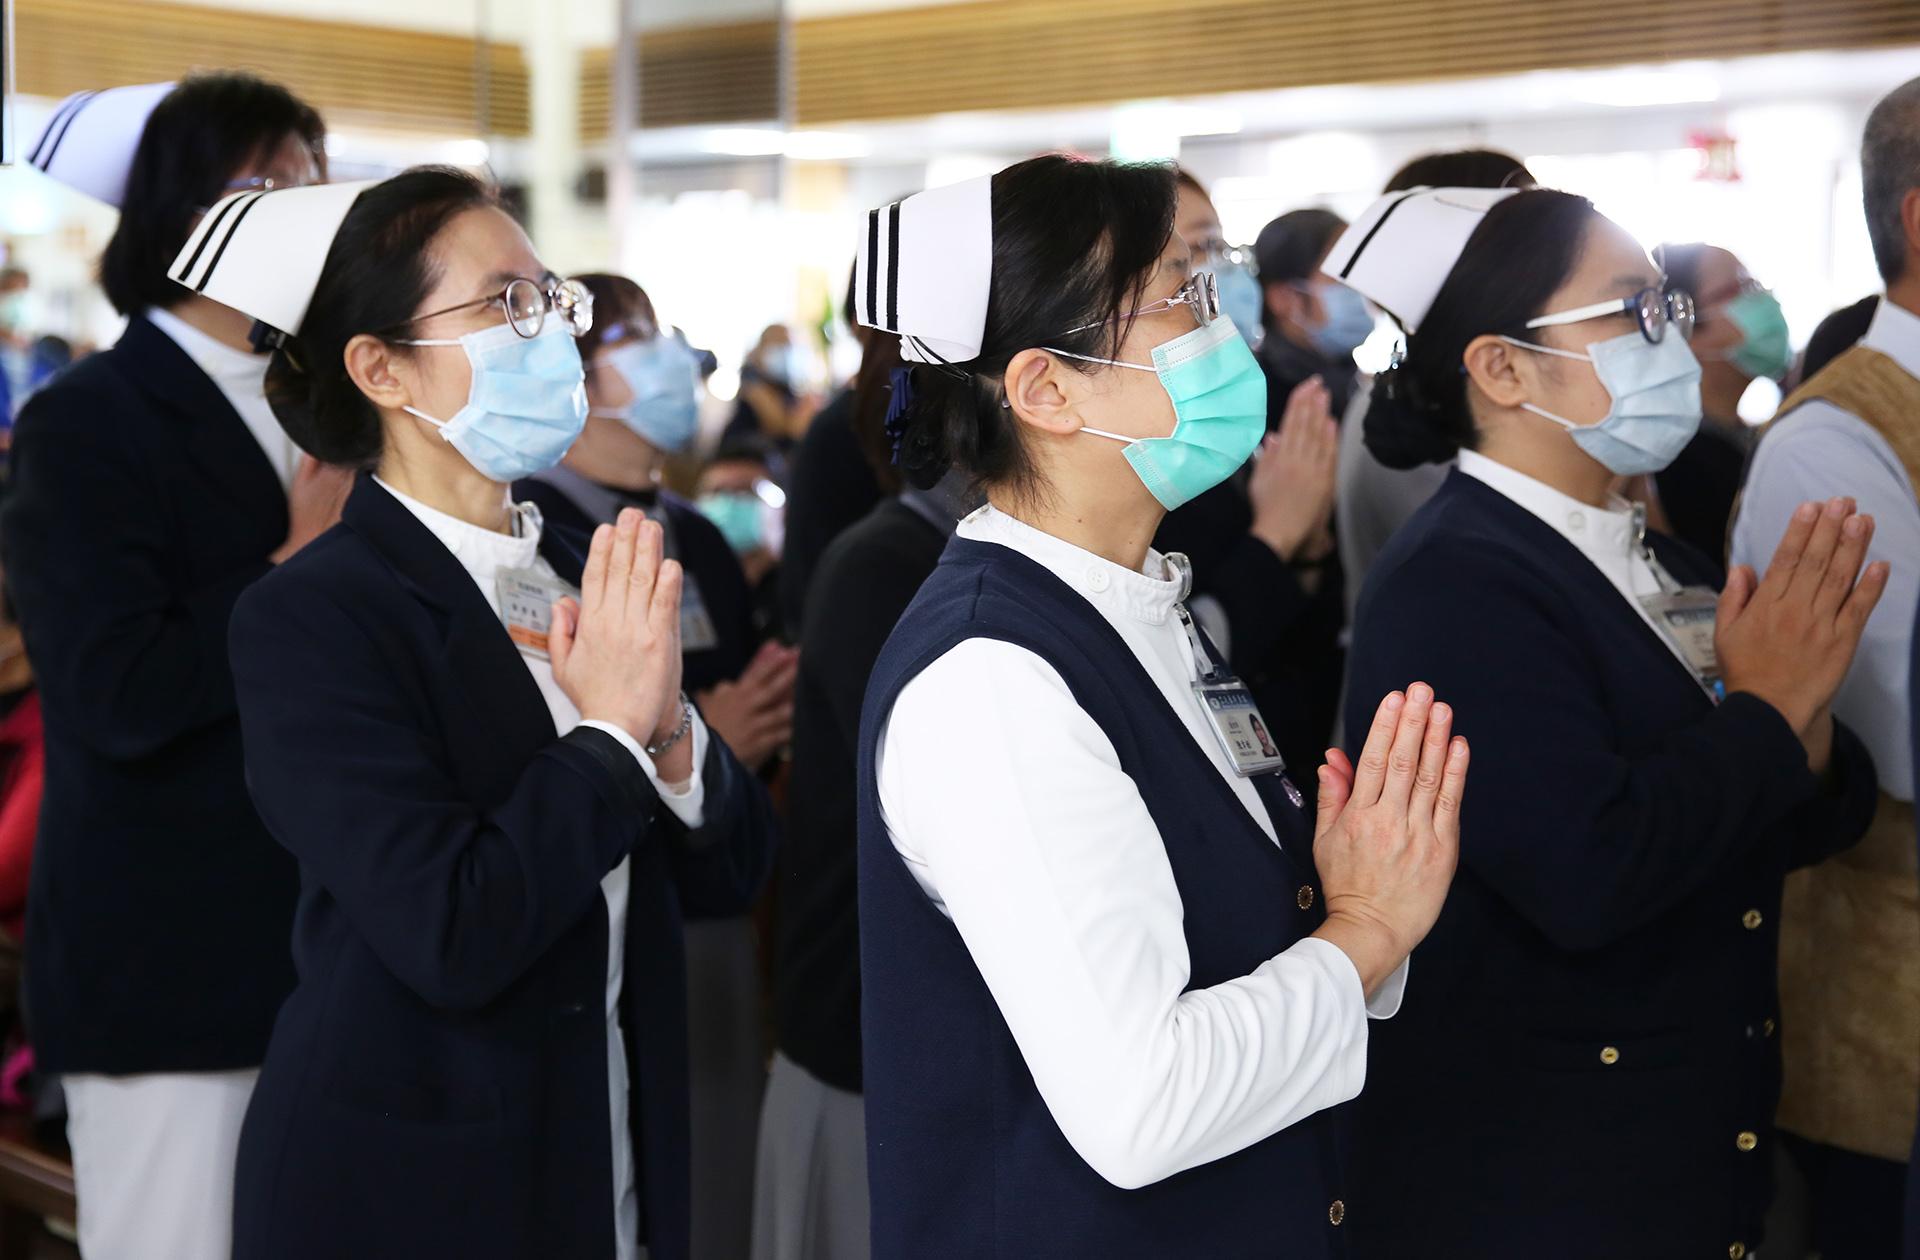 花蓮慈濟醫院護理人員誠心祈禱疫情盡速獲得控制。